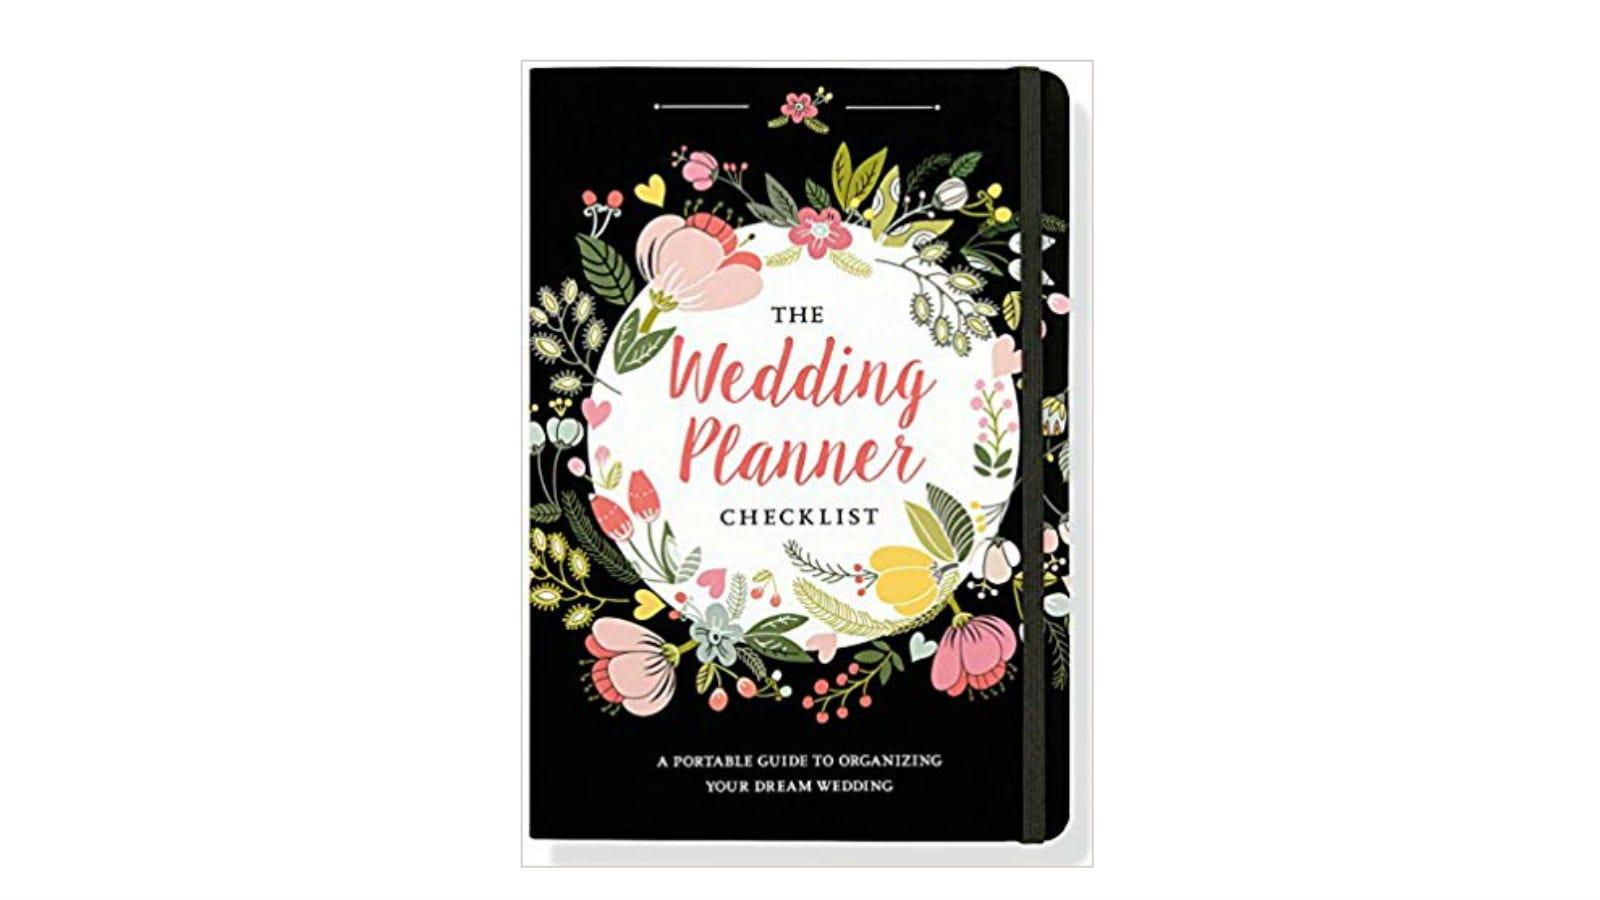 The Wedding Planner Checklist